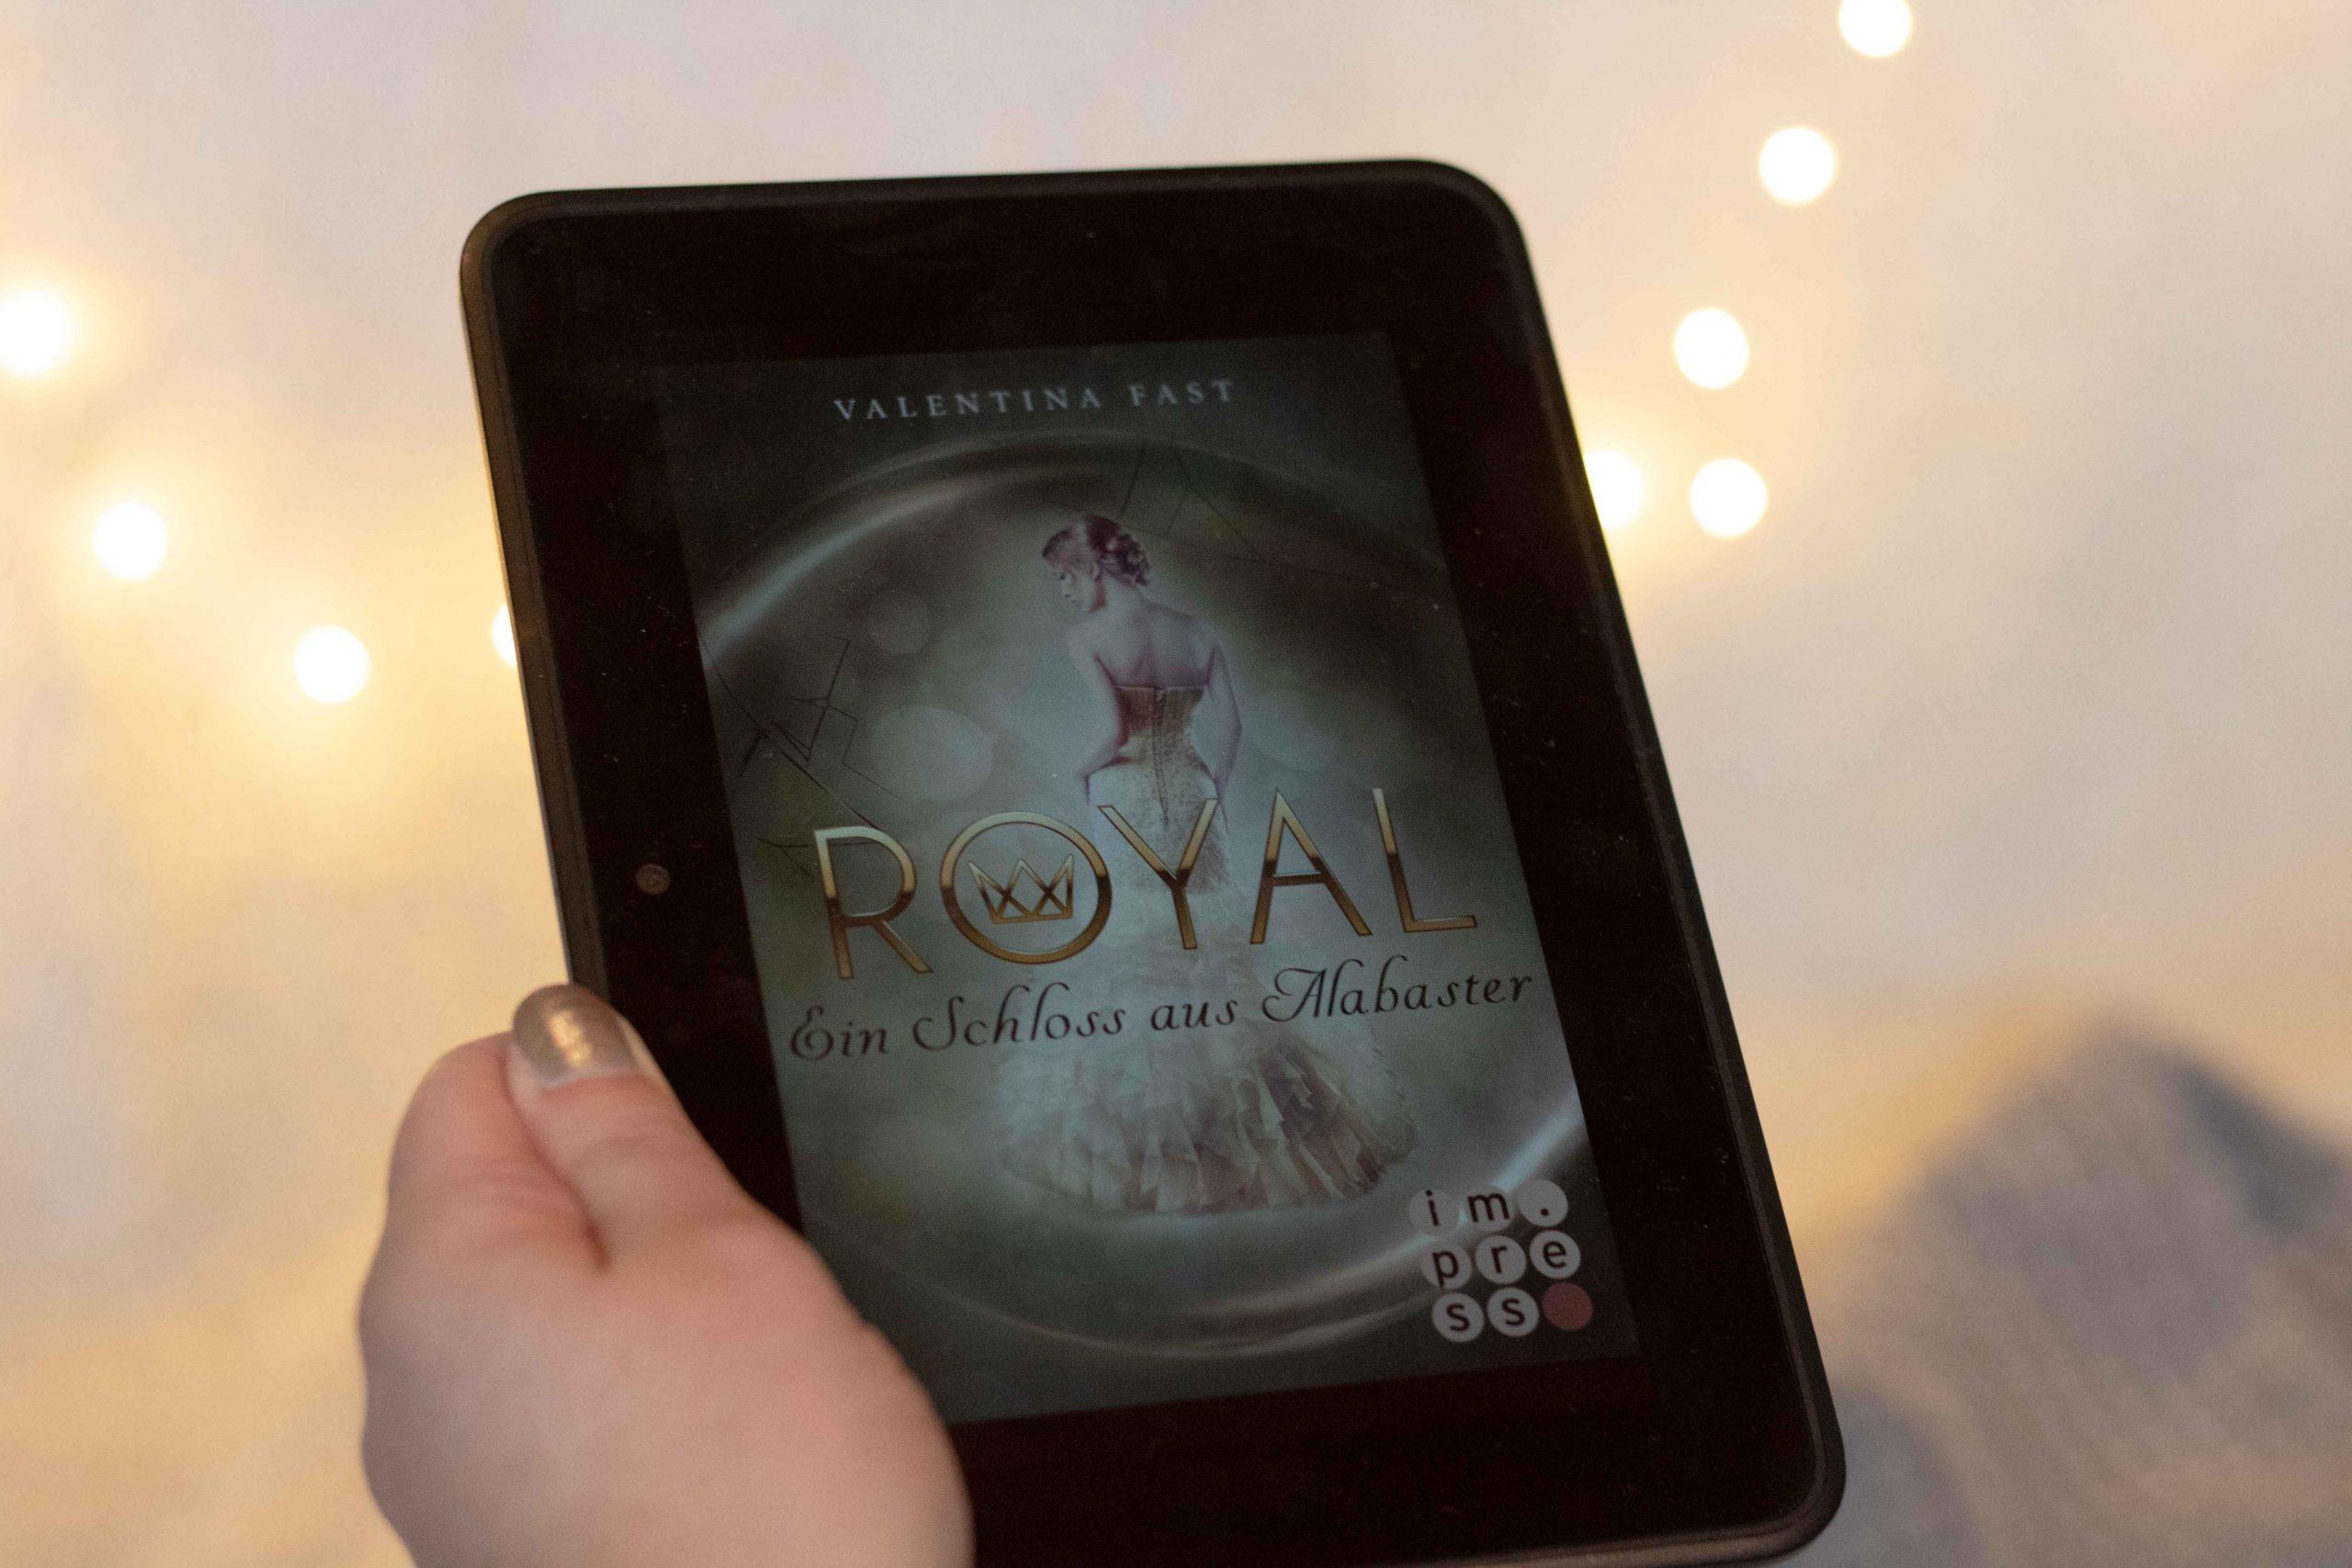 Royal – Ein Schloss aus Alabaster | Valentina Fast